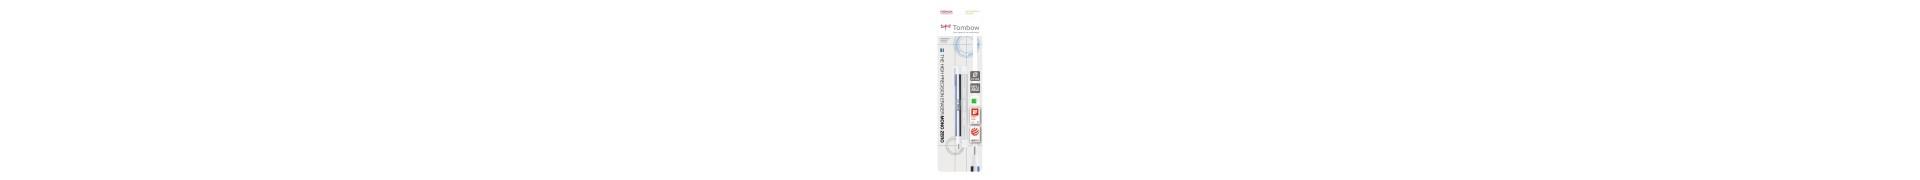 Blister stylo gomme mono zero  + recharge pointe ronde - ehr-kur   magasin sennelier paris depuis 1887